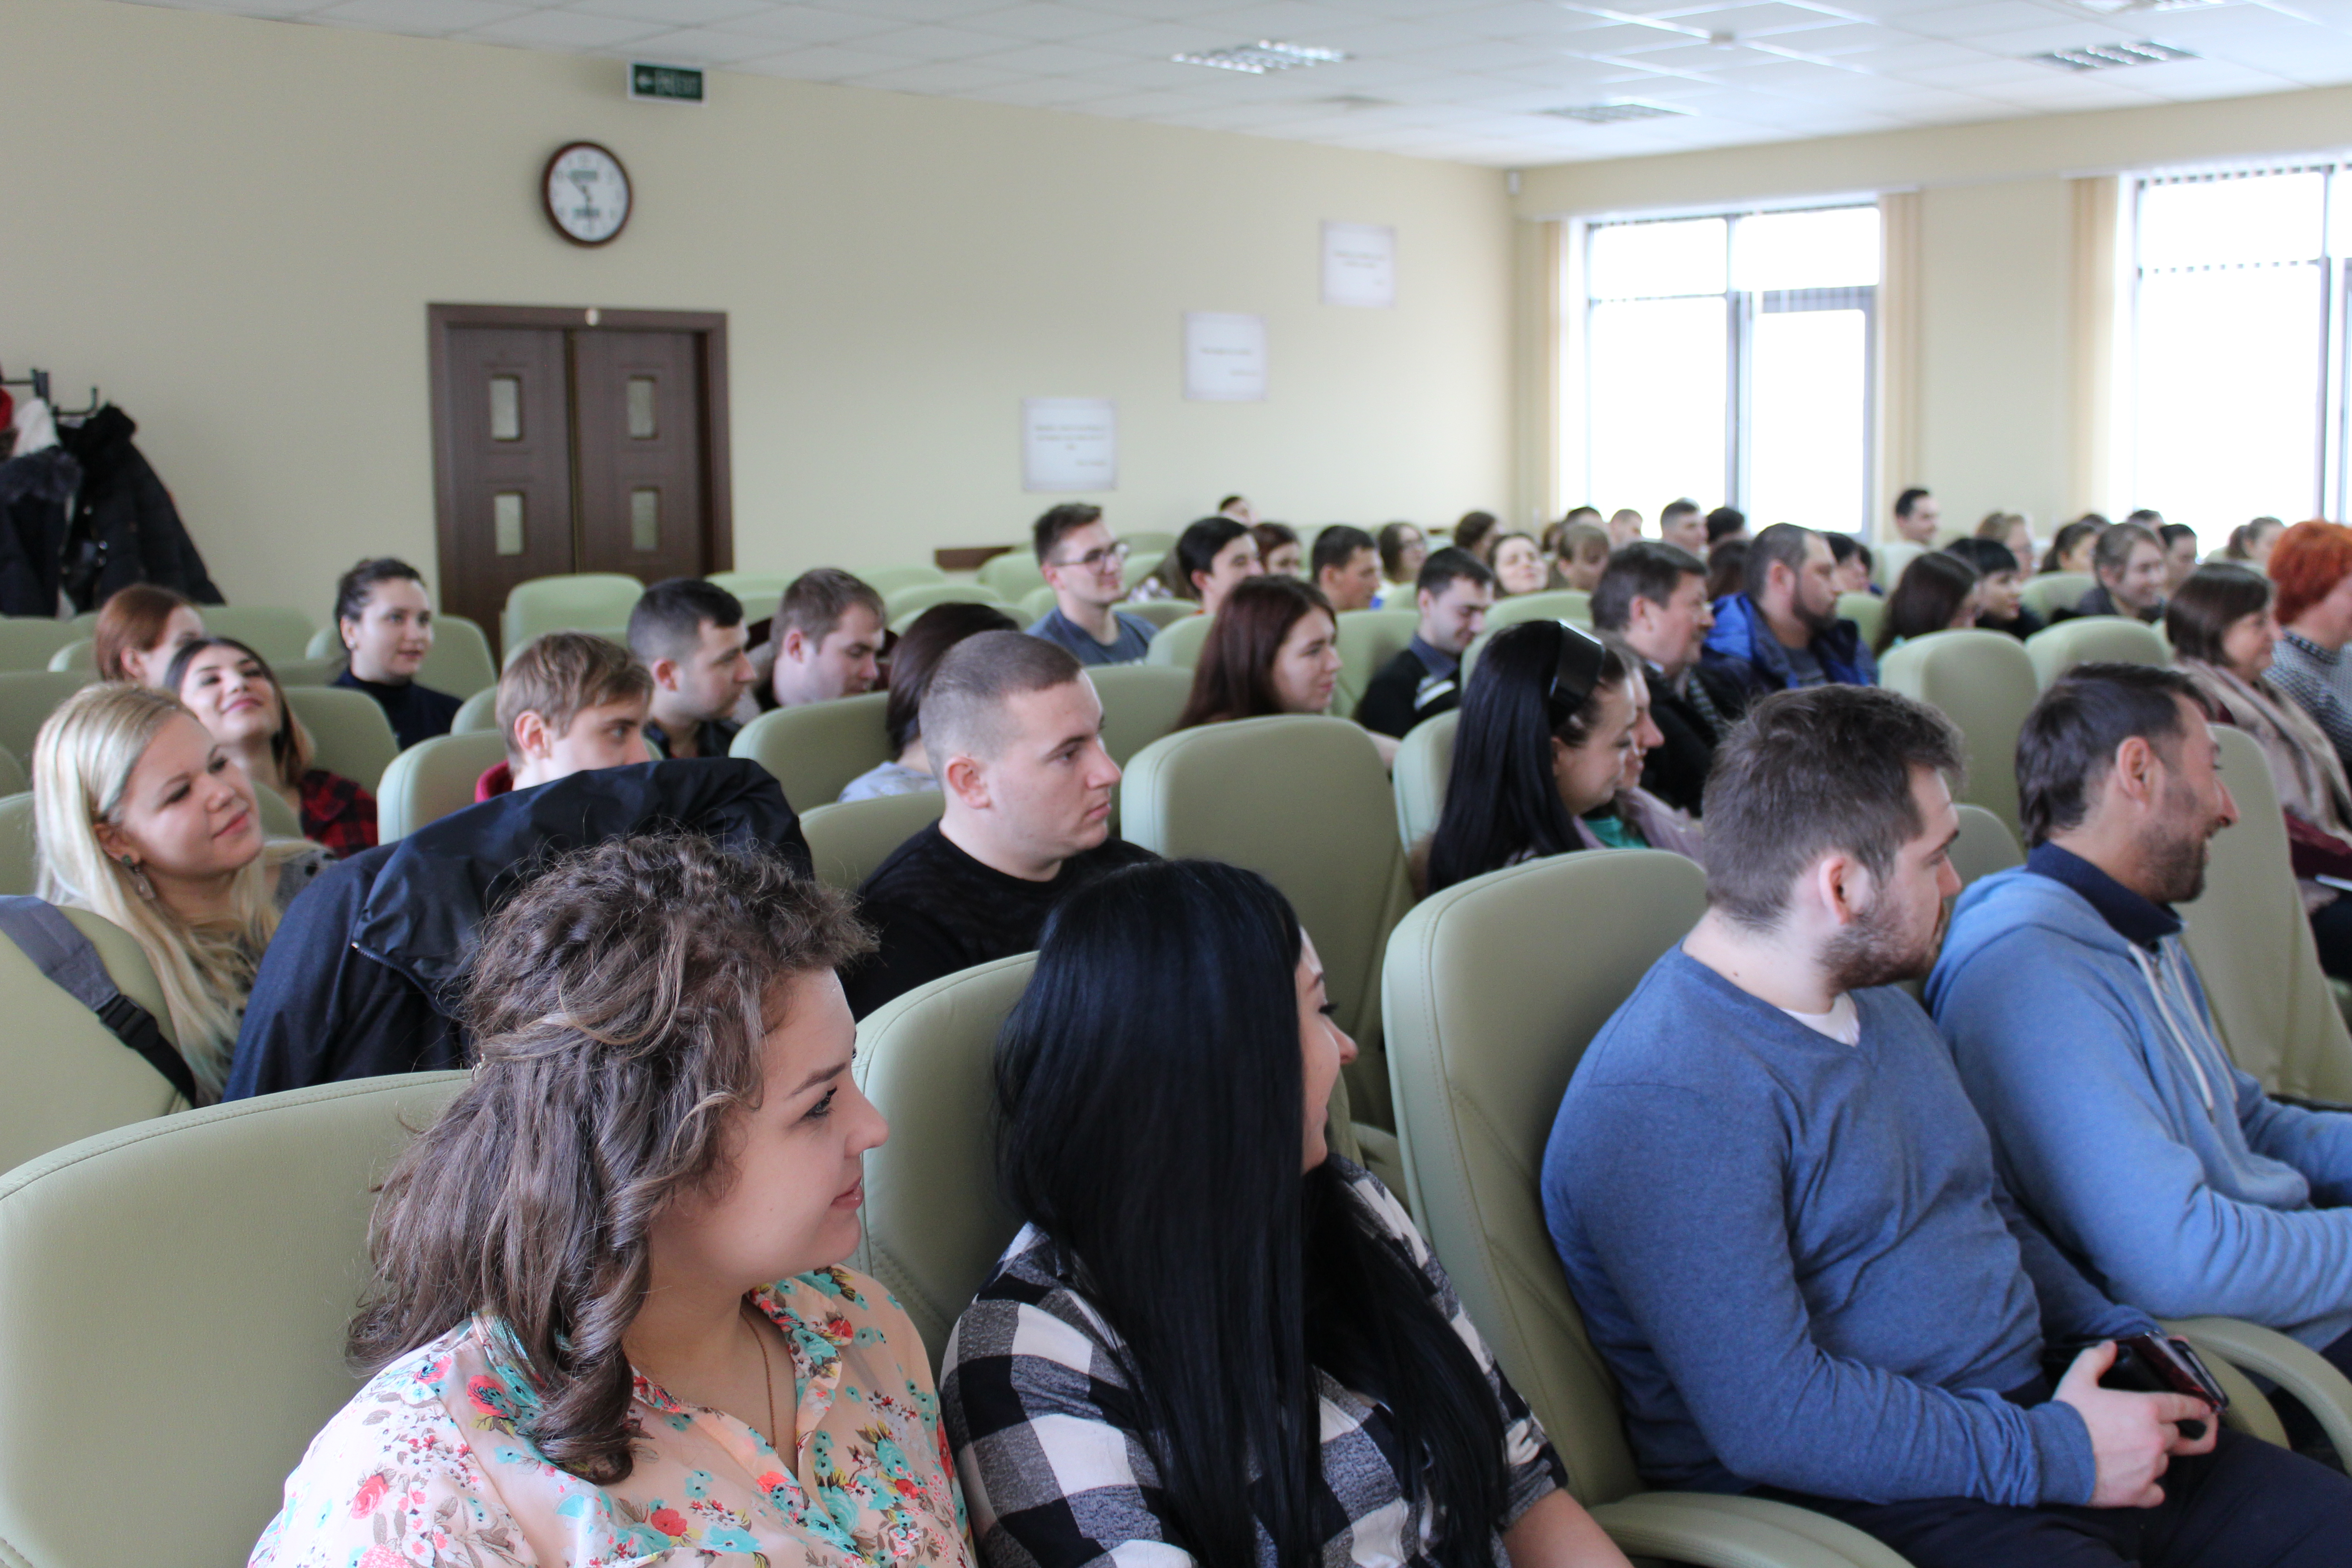 """60 de elevi ai CEMF """"Raisa Pacalo"""" au ales să-și petreacă stagiul practic în cadrul Serviciului de Urgență"""